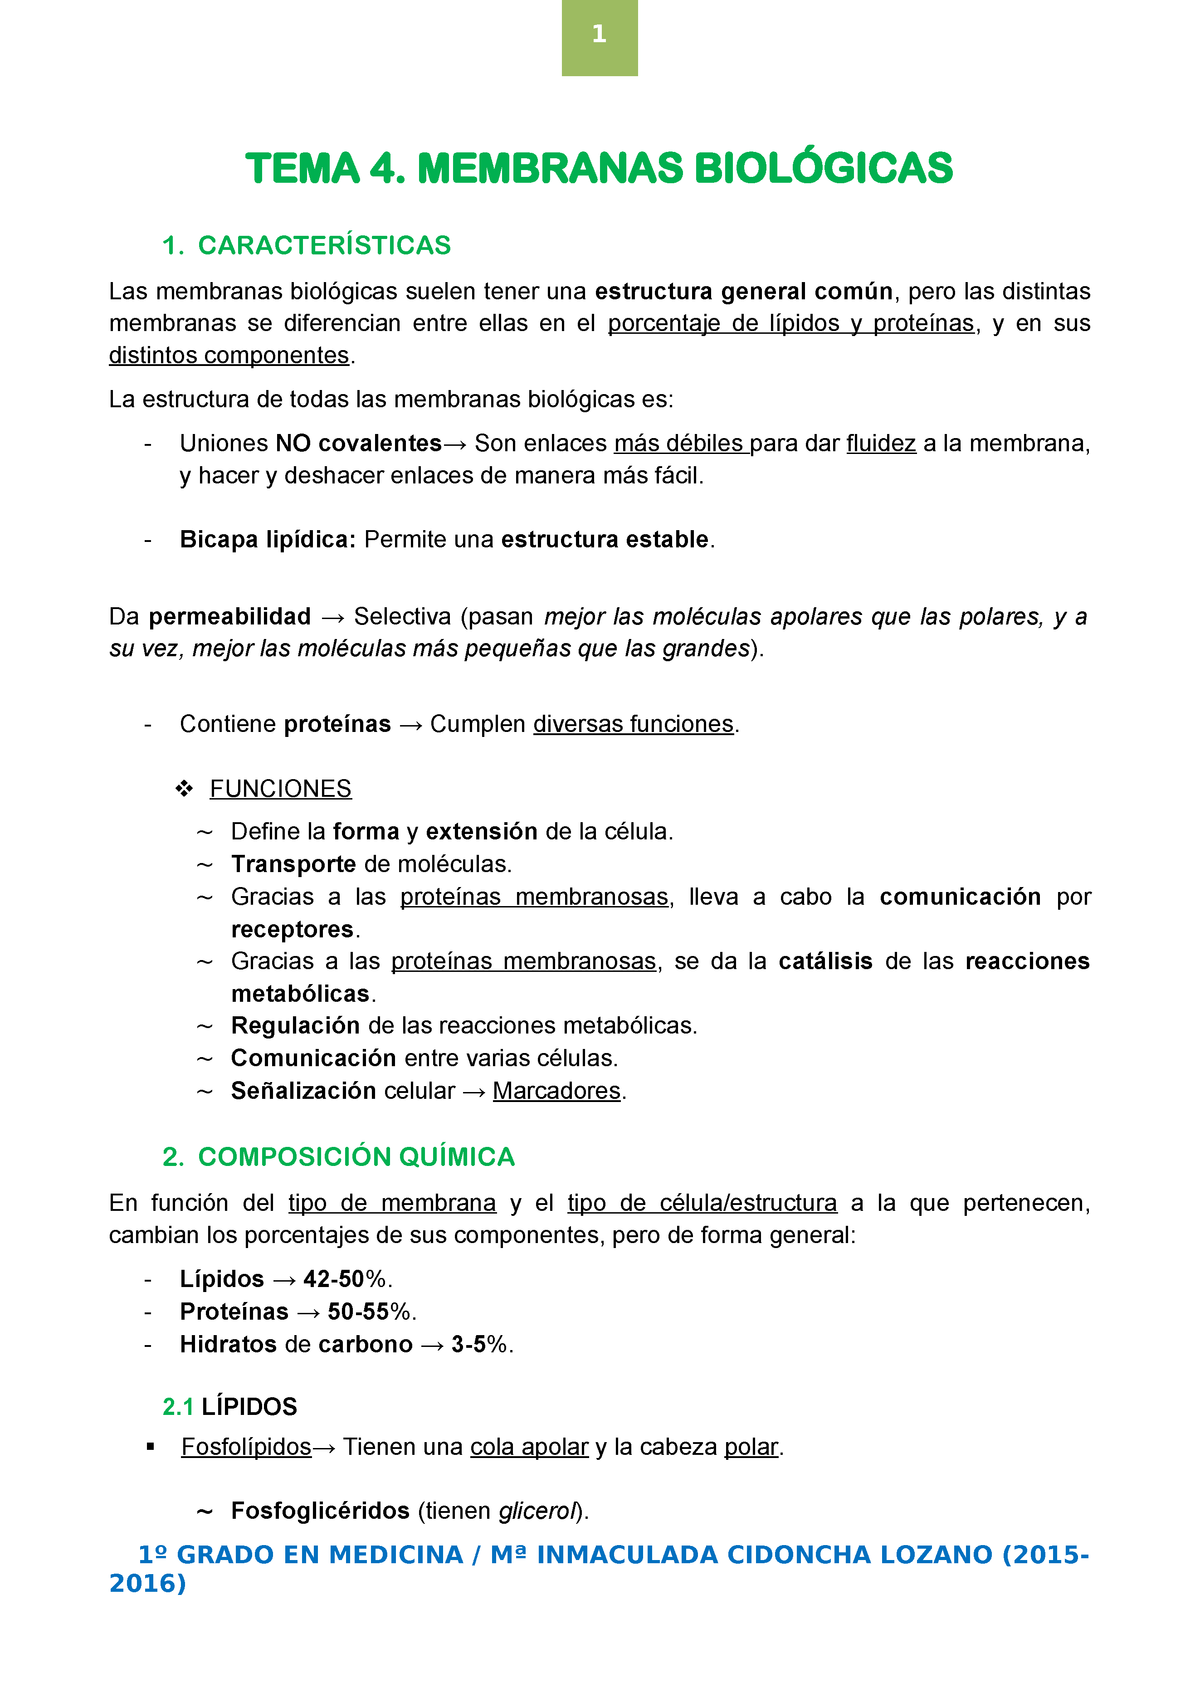 Tema 4 Membranas Biológicas Biología Celular I 9970001104